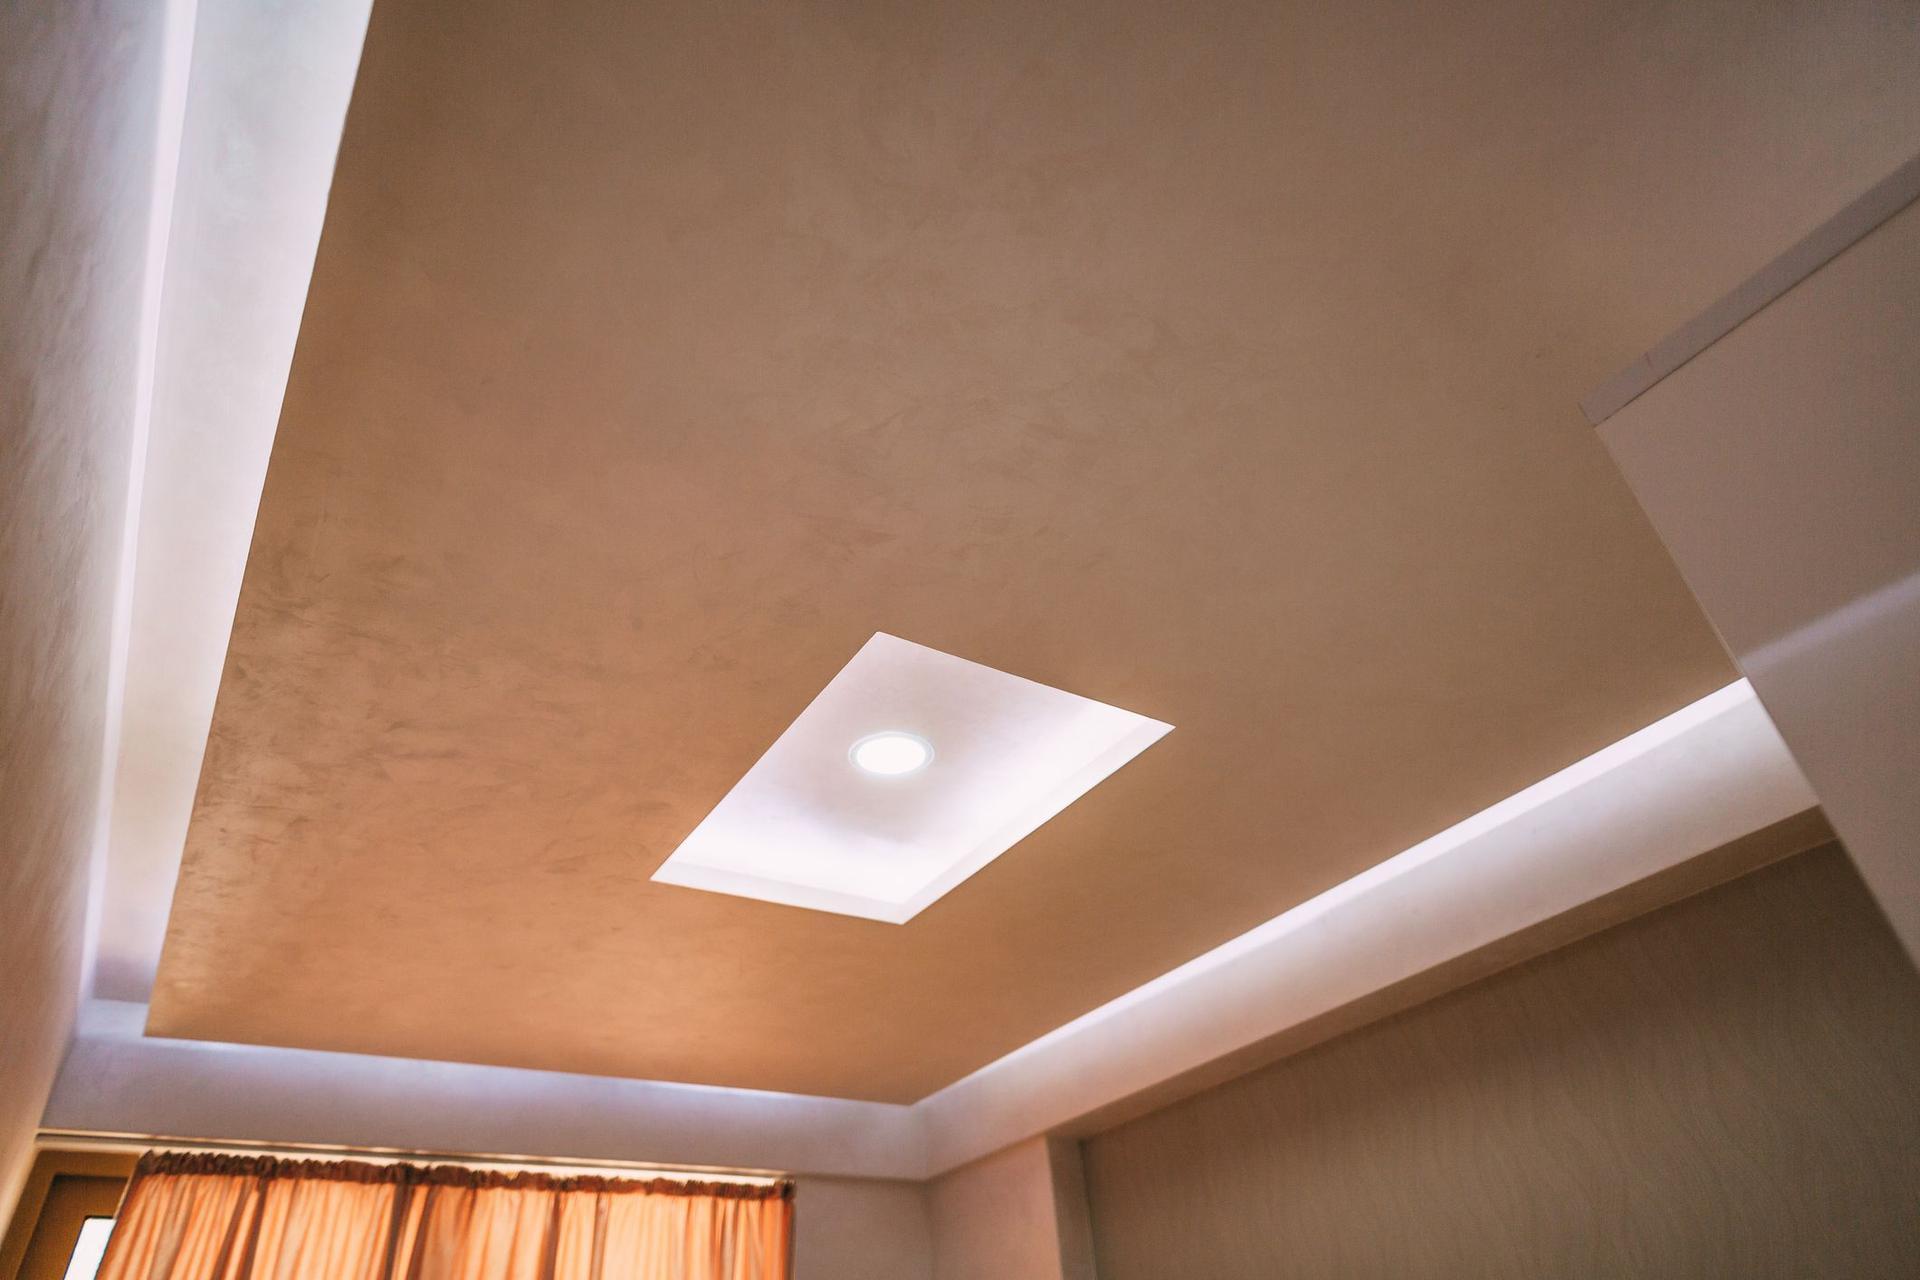 Подвесной потолок как популярная альтернатива классическому потолку